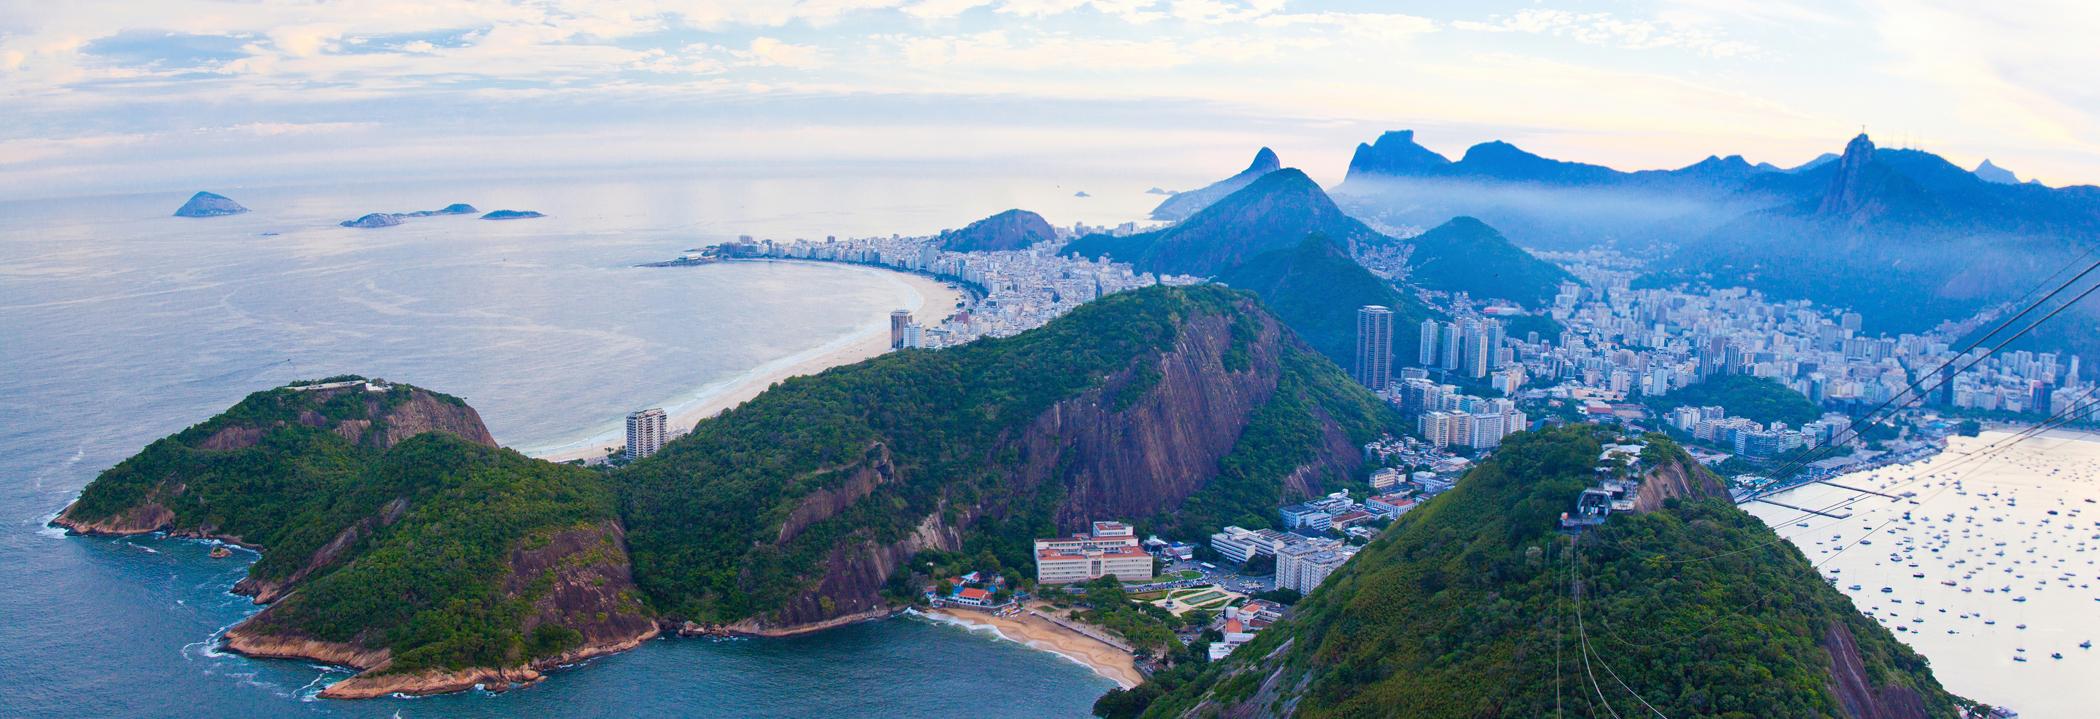 Rio-de-Janeiro_pano_by_Vladimir_Filvarkiv_for_ChanceToTrip_11